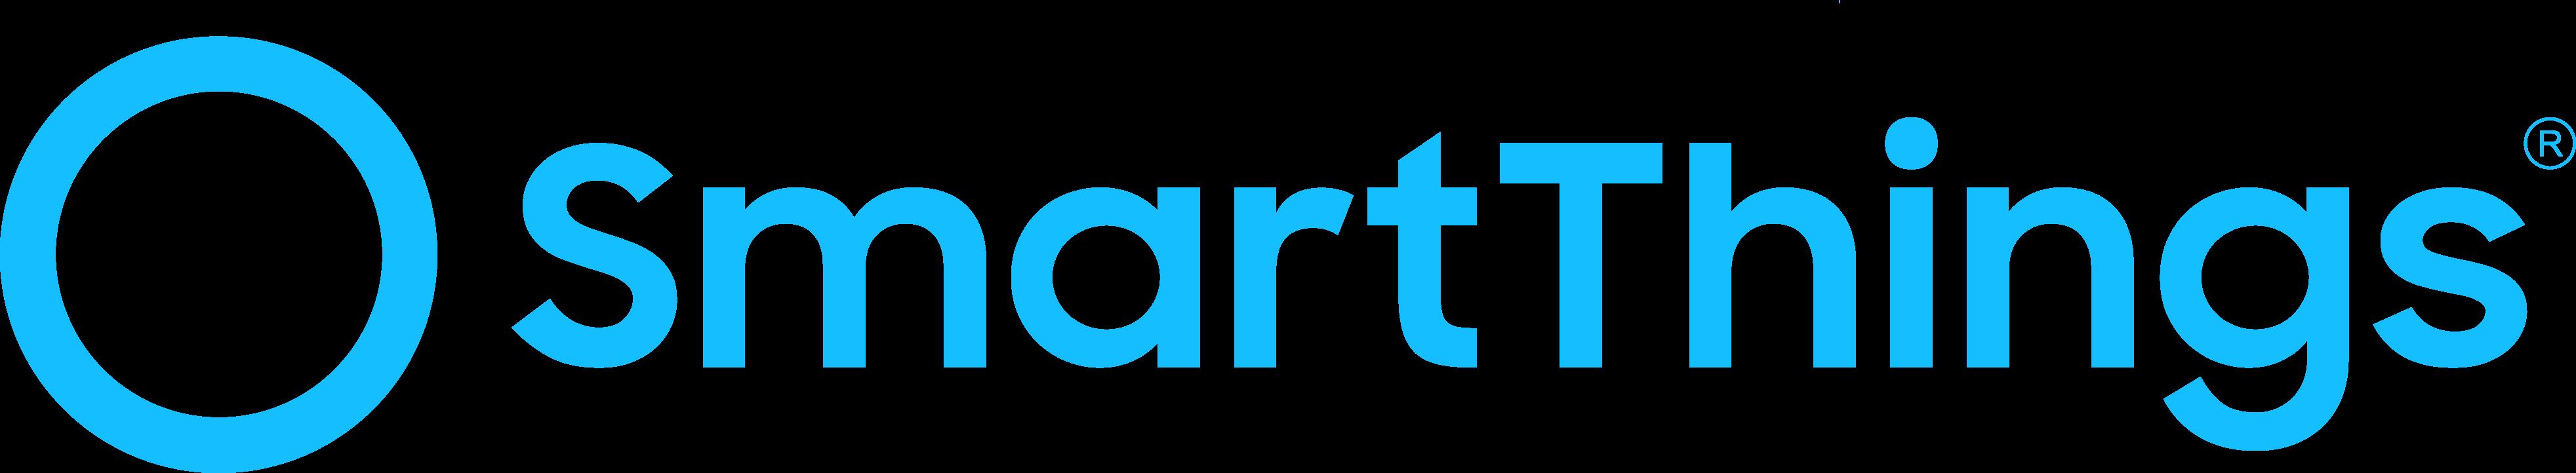 Smartthings V2